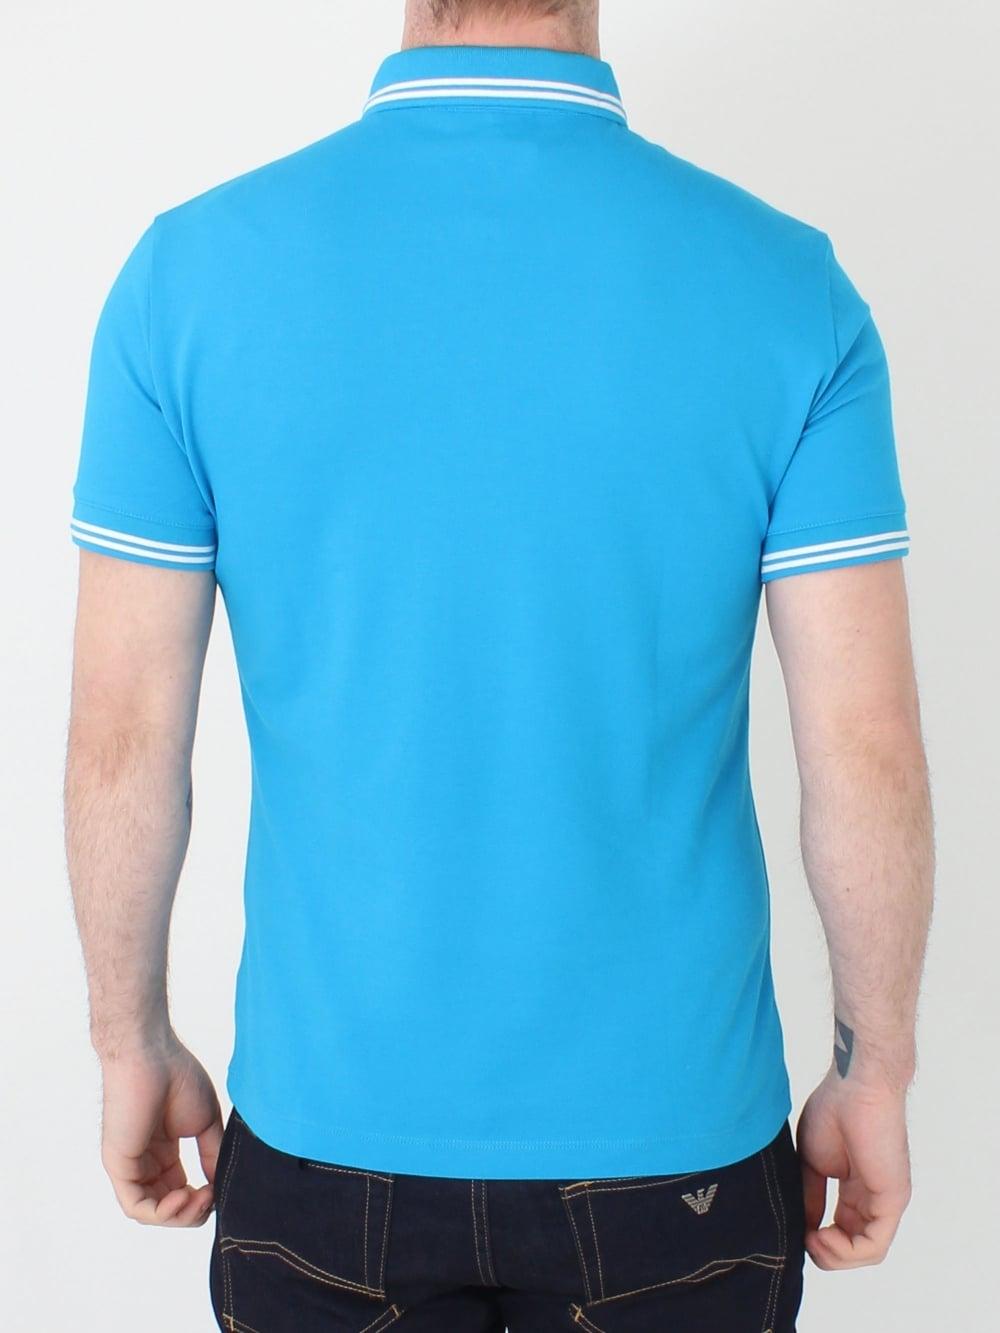 833d6bf3ae11b Emporio Armani Polo in Brite Blue